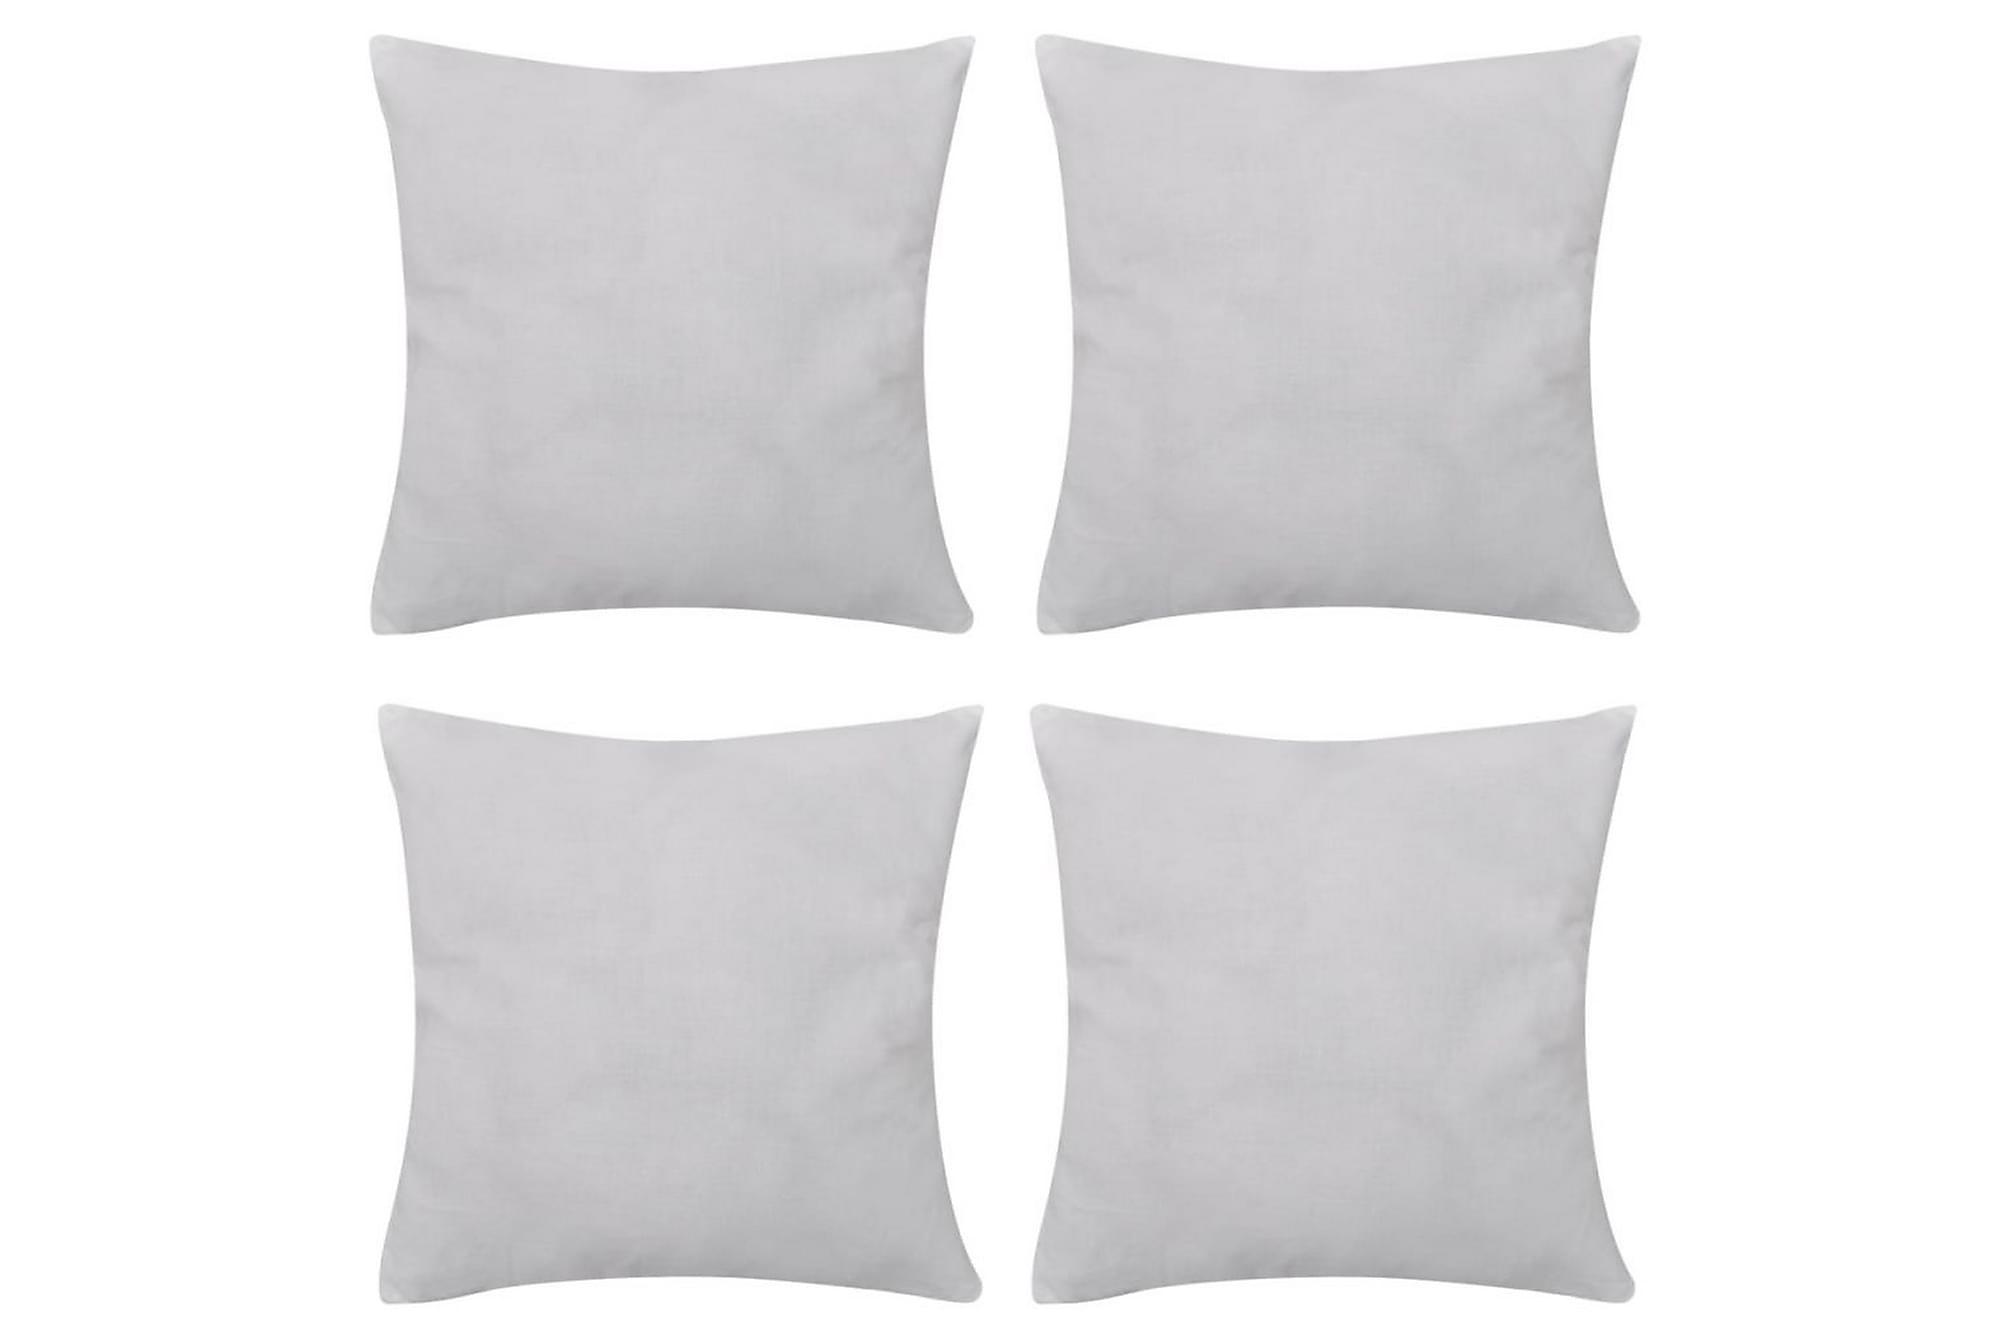 4 Kuddöverdrag i bomull vita 40 x 40 cm, Prydnadskuddar & filtar